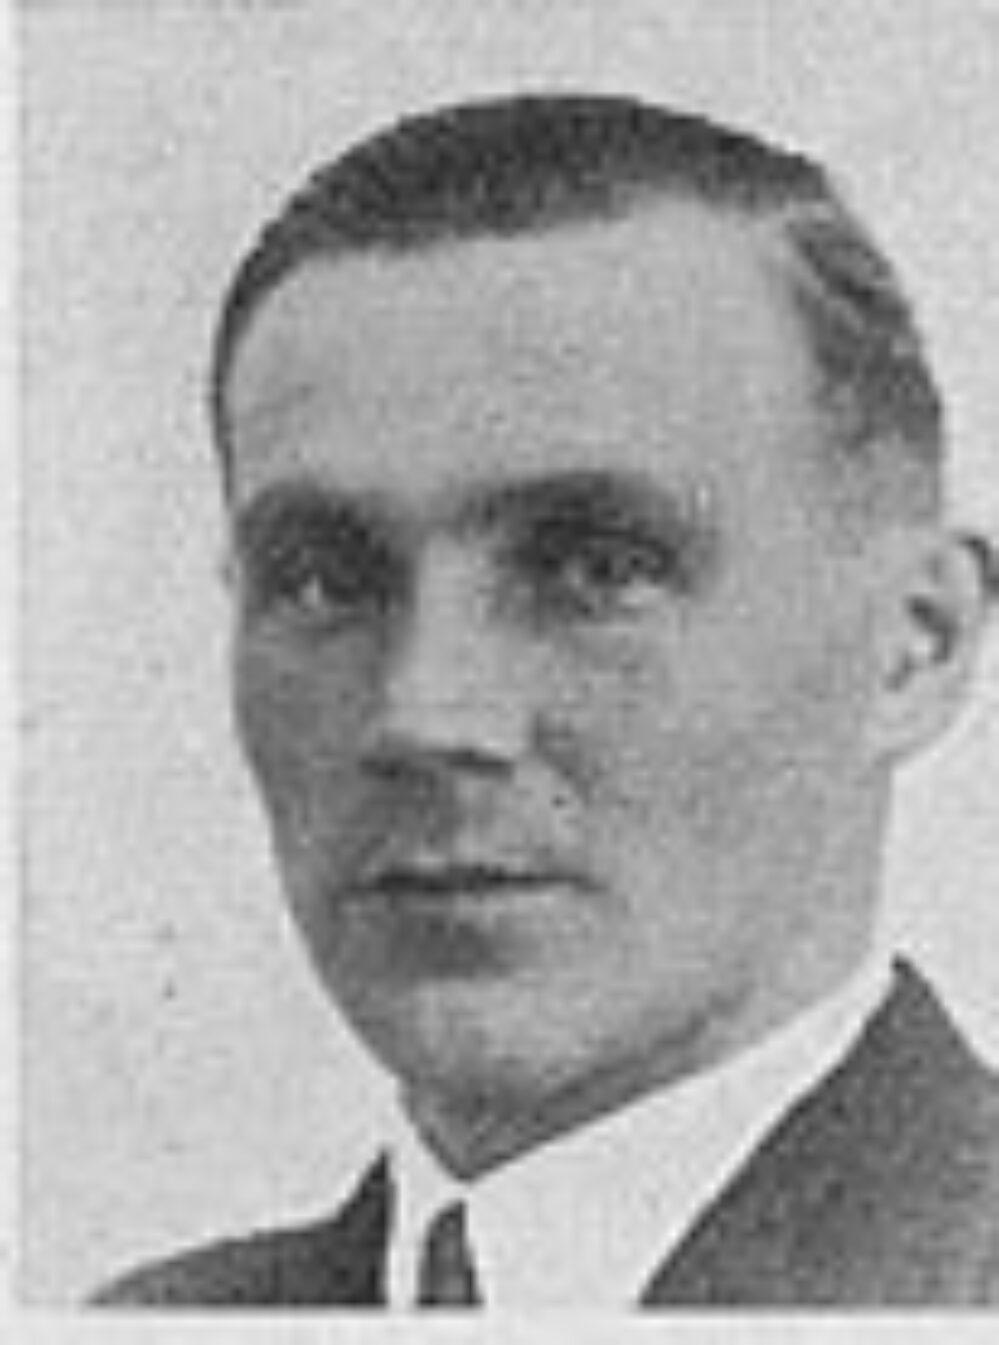 Ludvig Simon Kristoffersen